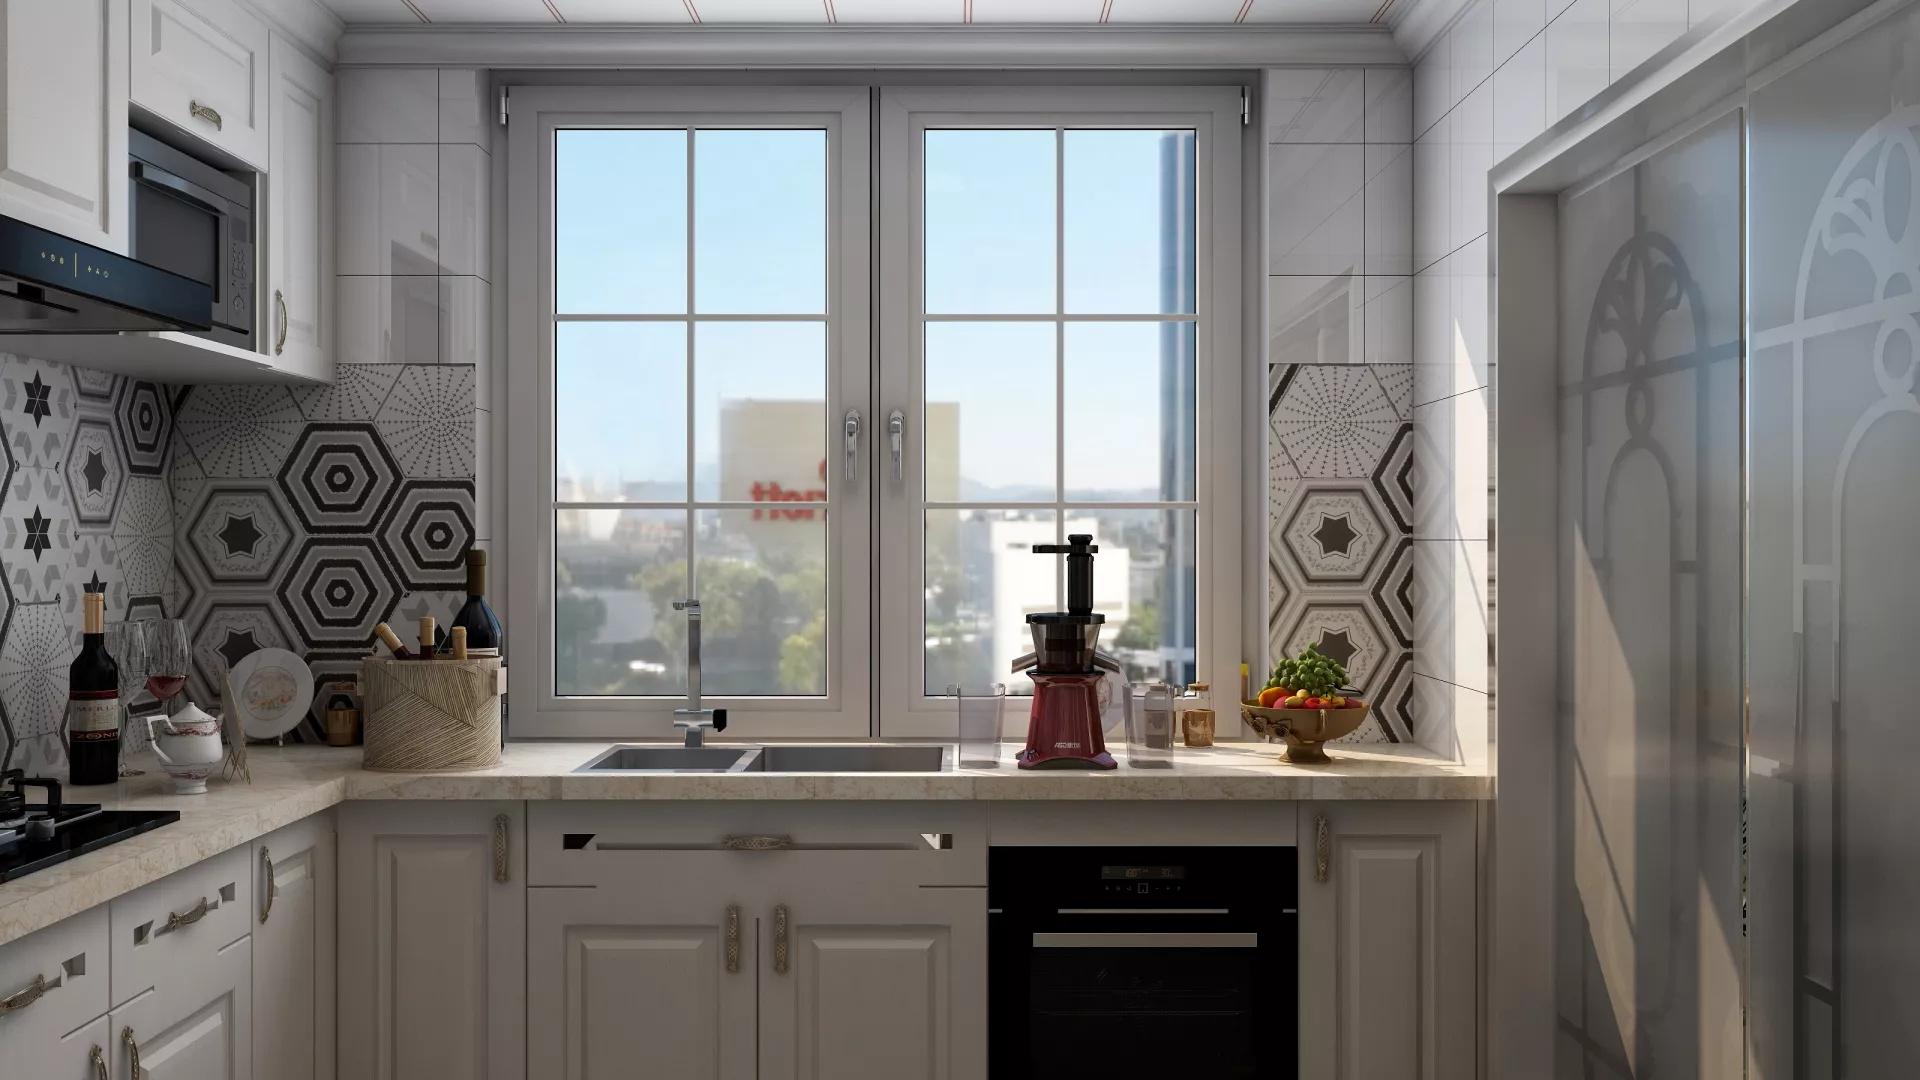 新房裝修有哪些注意事項 新房裝修的步驟有哪些